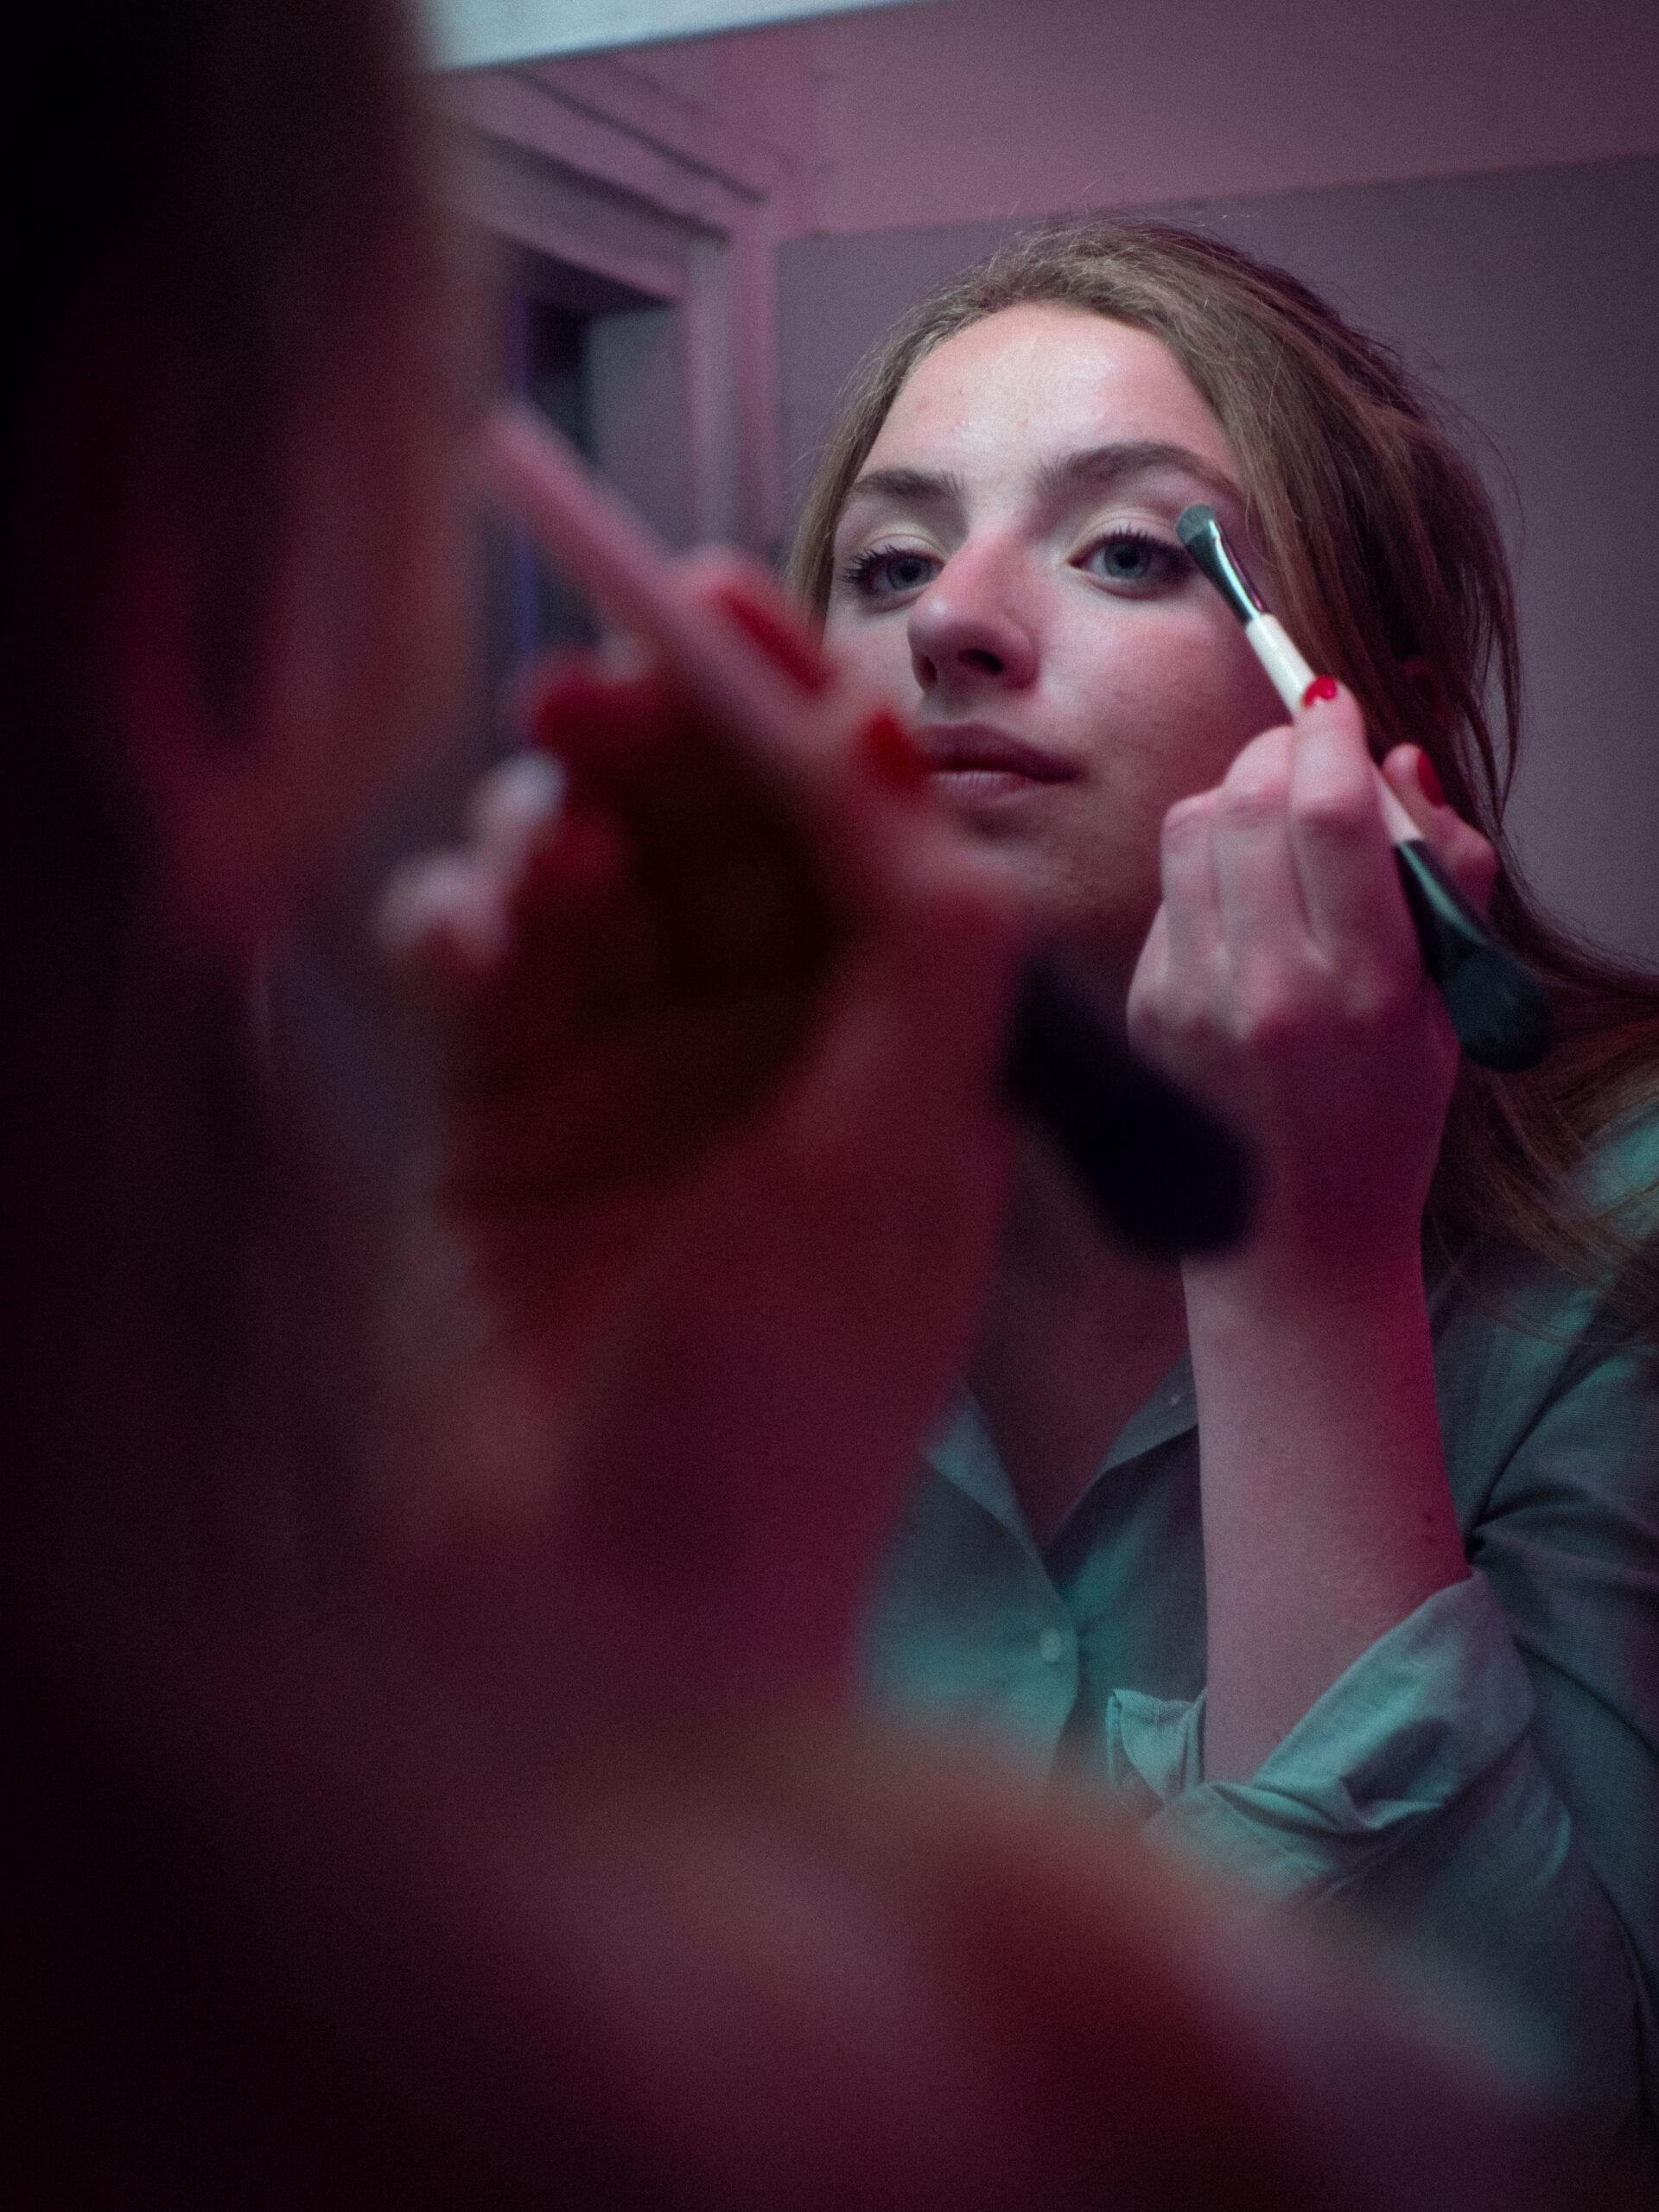 Violette_domestique_maquillage_femme